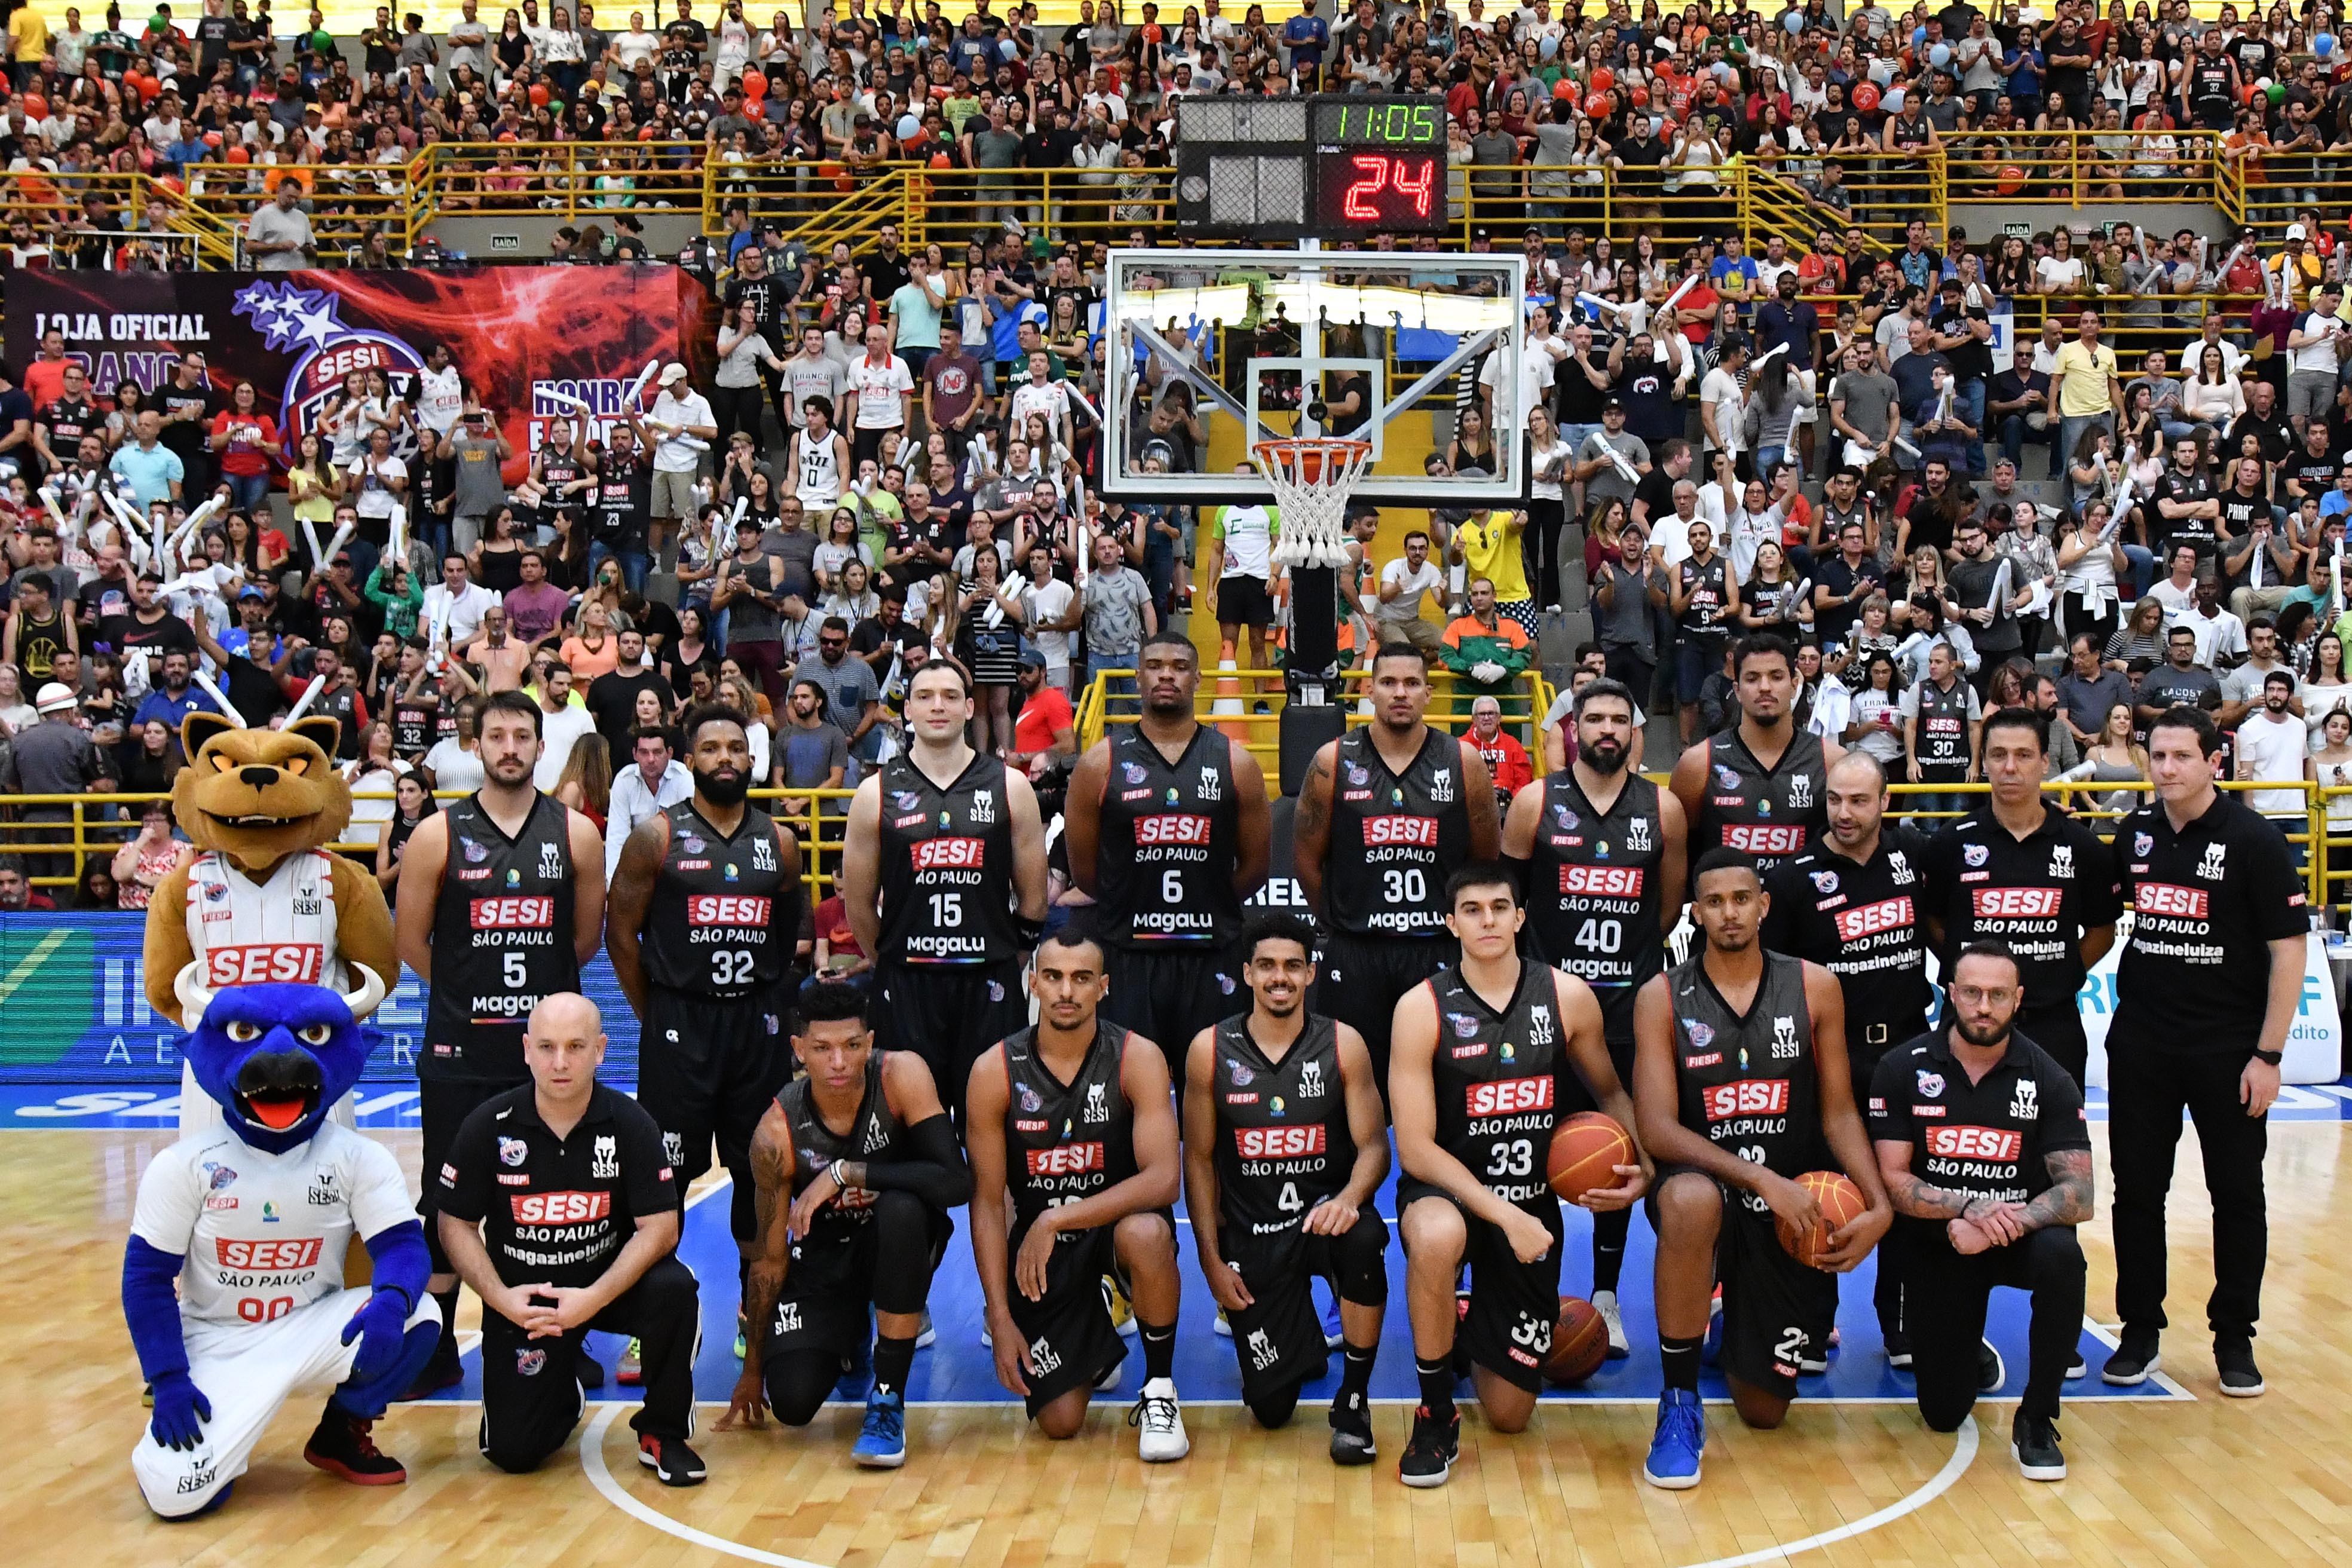 Sesi Franca Basquete enfrenta Brooklyn Nets na pré-temporada 2019-2020 da NBA